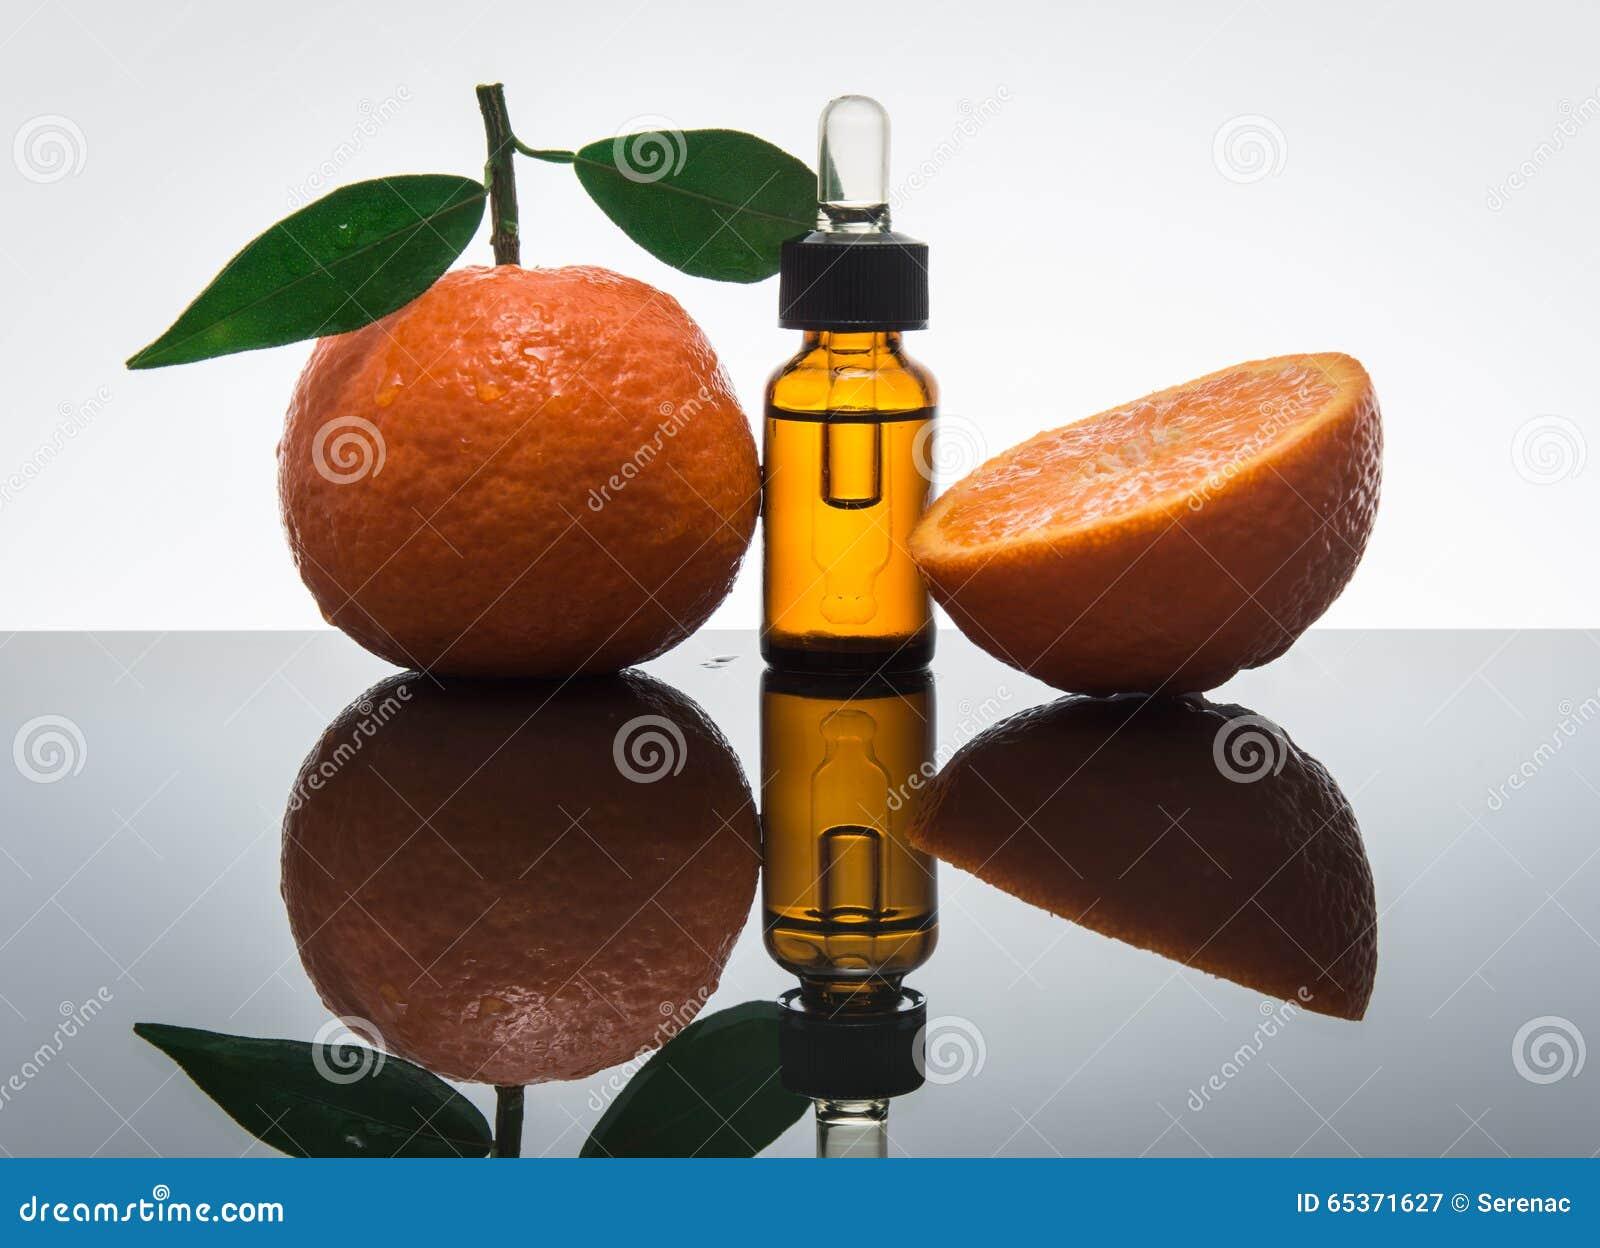 Bouteille d huile essentielle de mandarine/mandarine avec le compte-gouttes